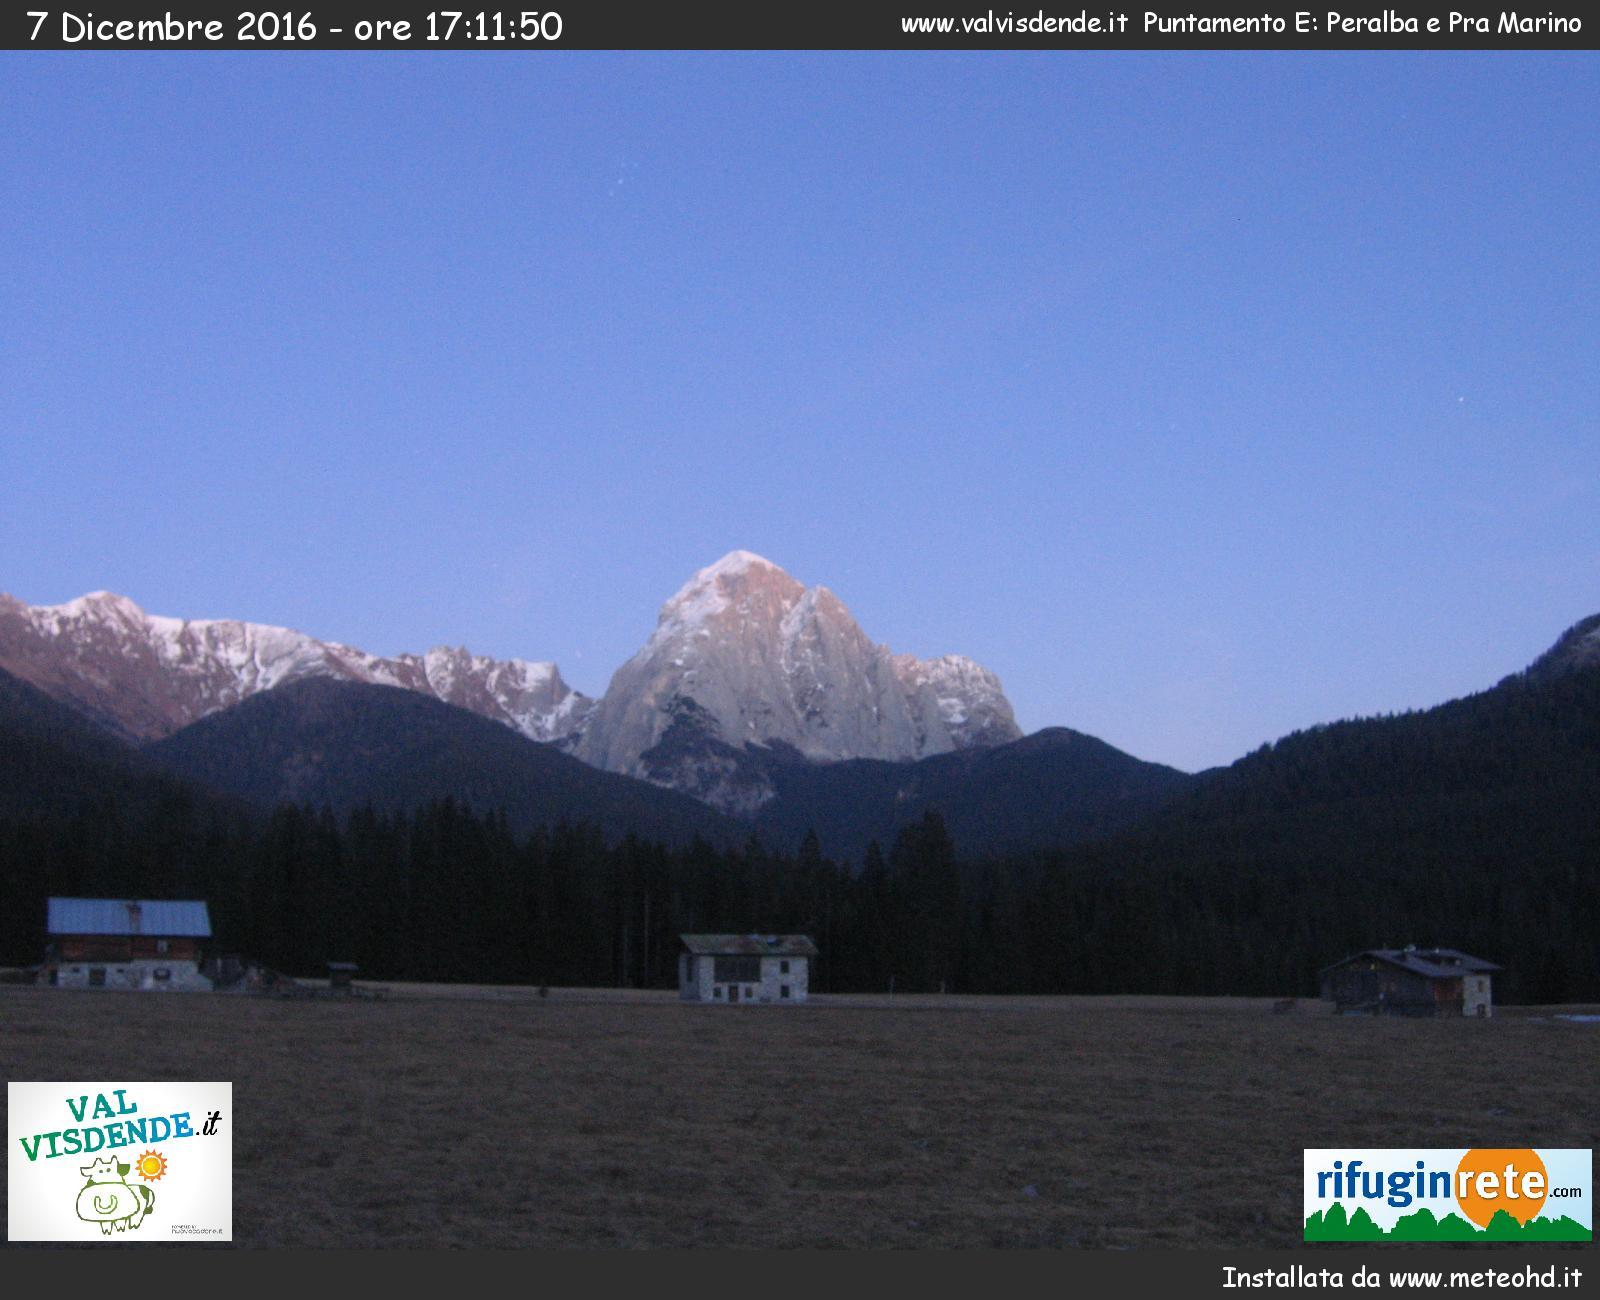 Veneto centro-settentrionale Inverno 2016-17-visdende-07-12-16.jpg